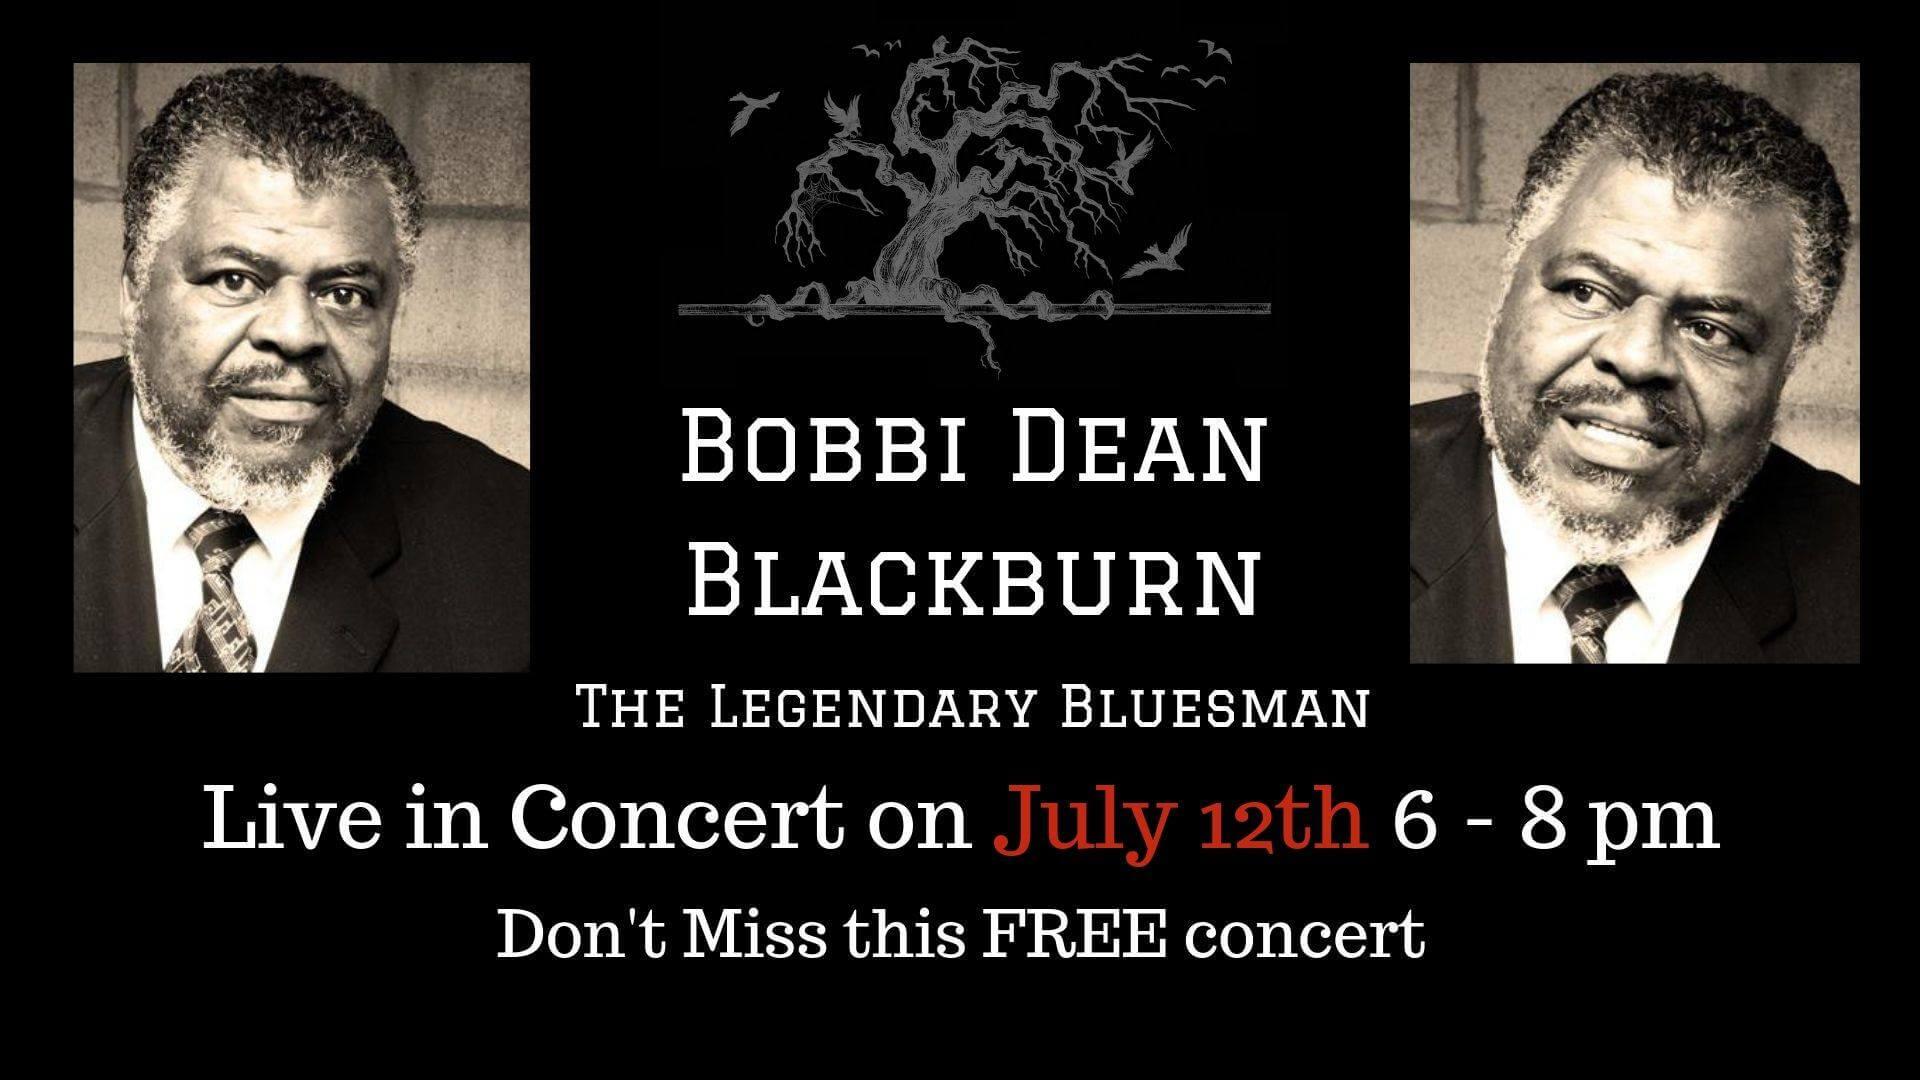 Bobbi Dean Blackburn Concert